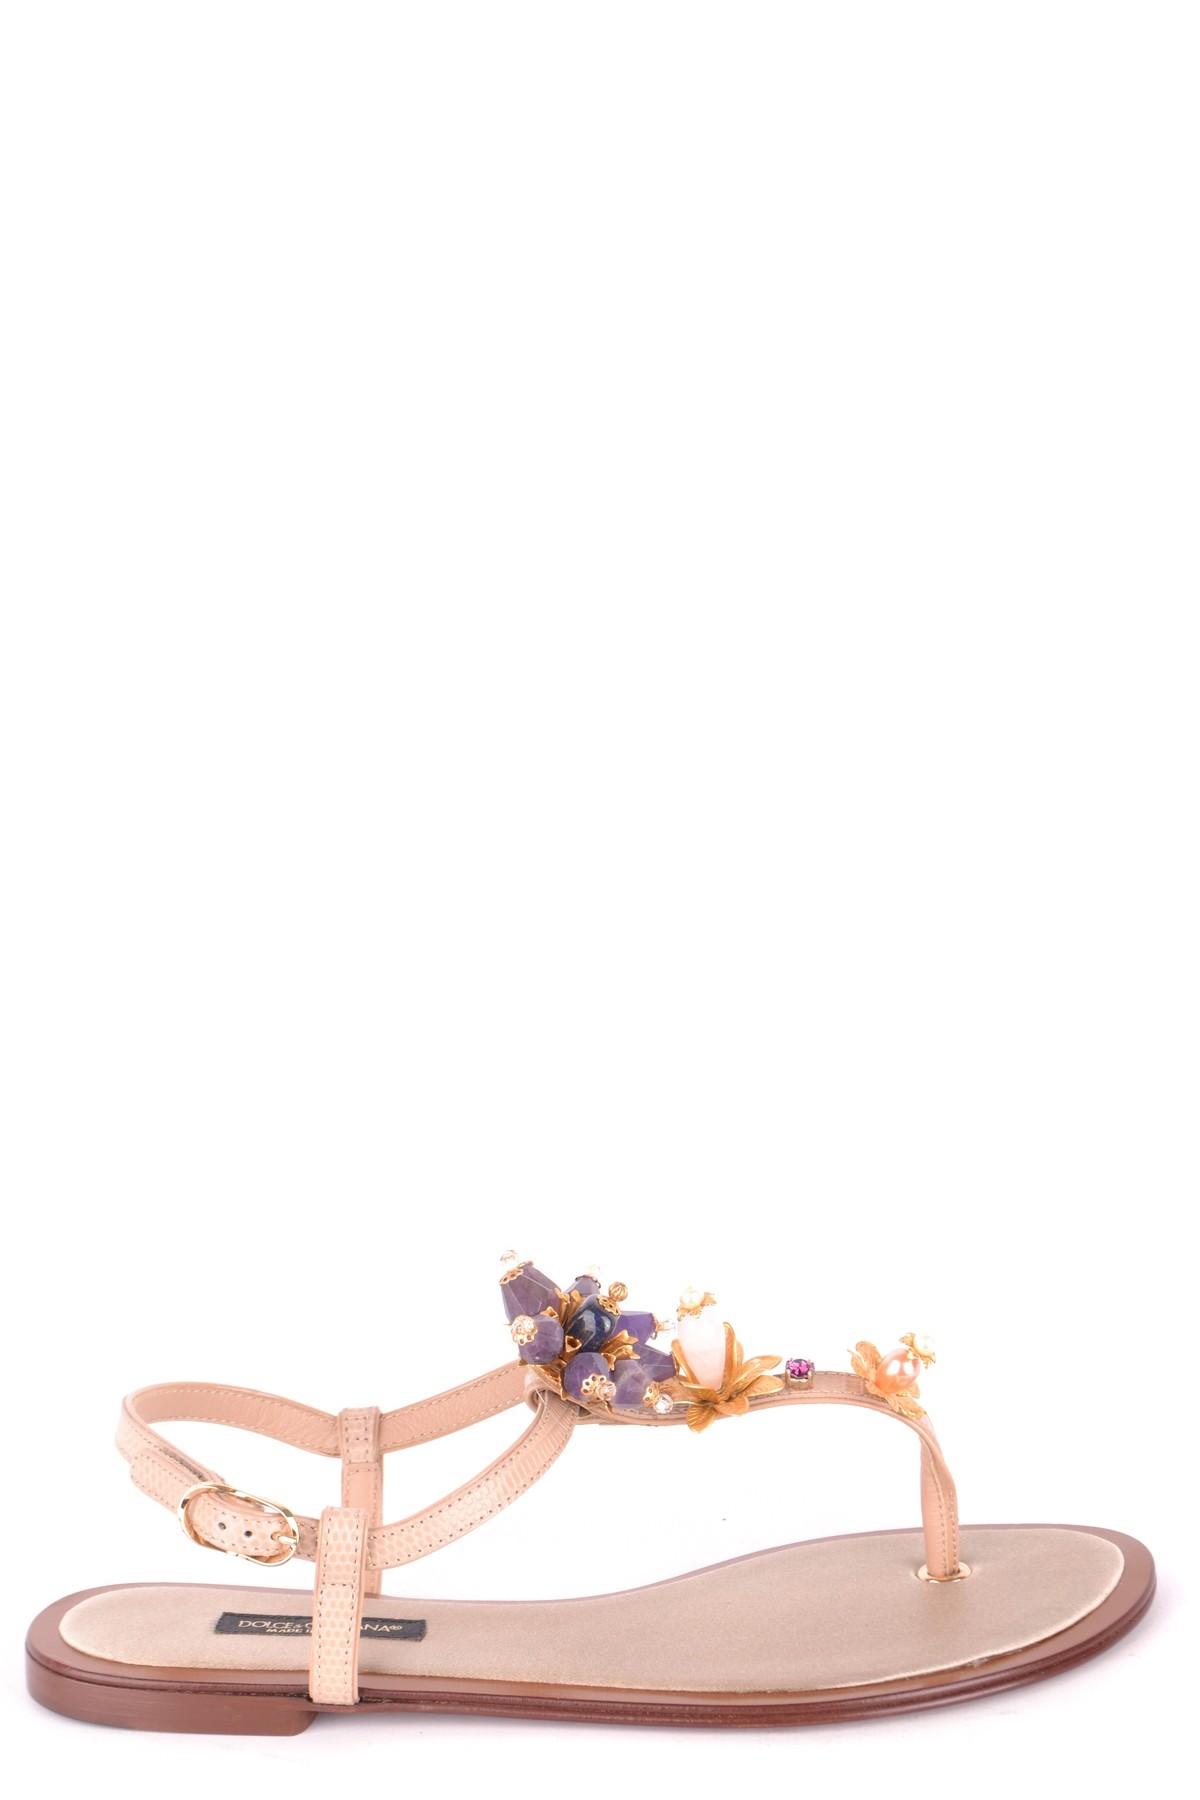 dolce & gabbanaMarchio: Dolce & Gabbana; Genere: Donna; Tipologia: